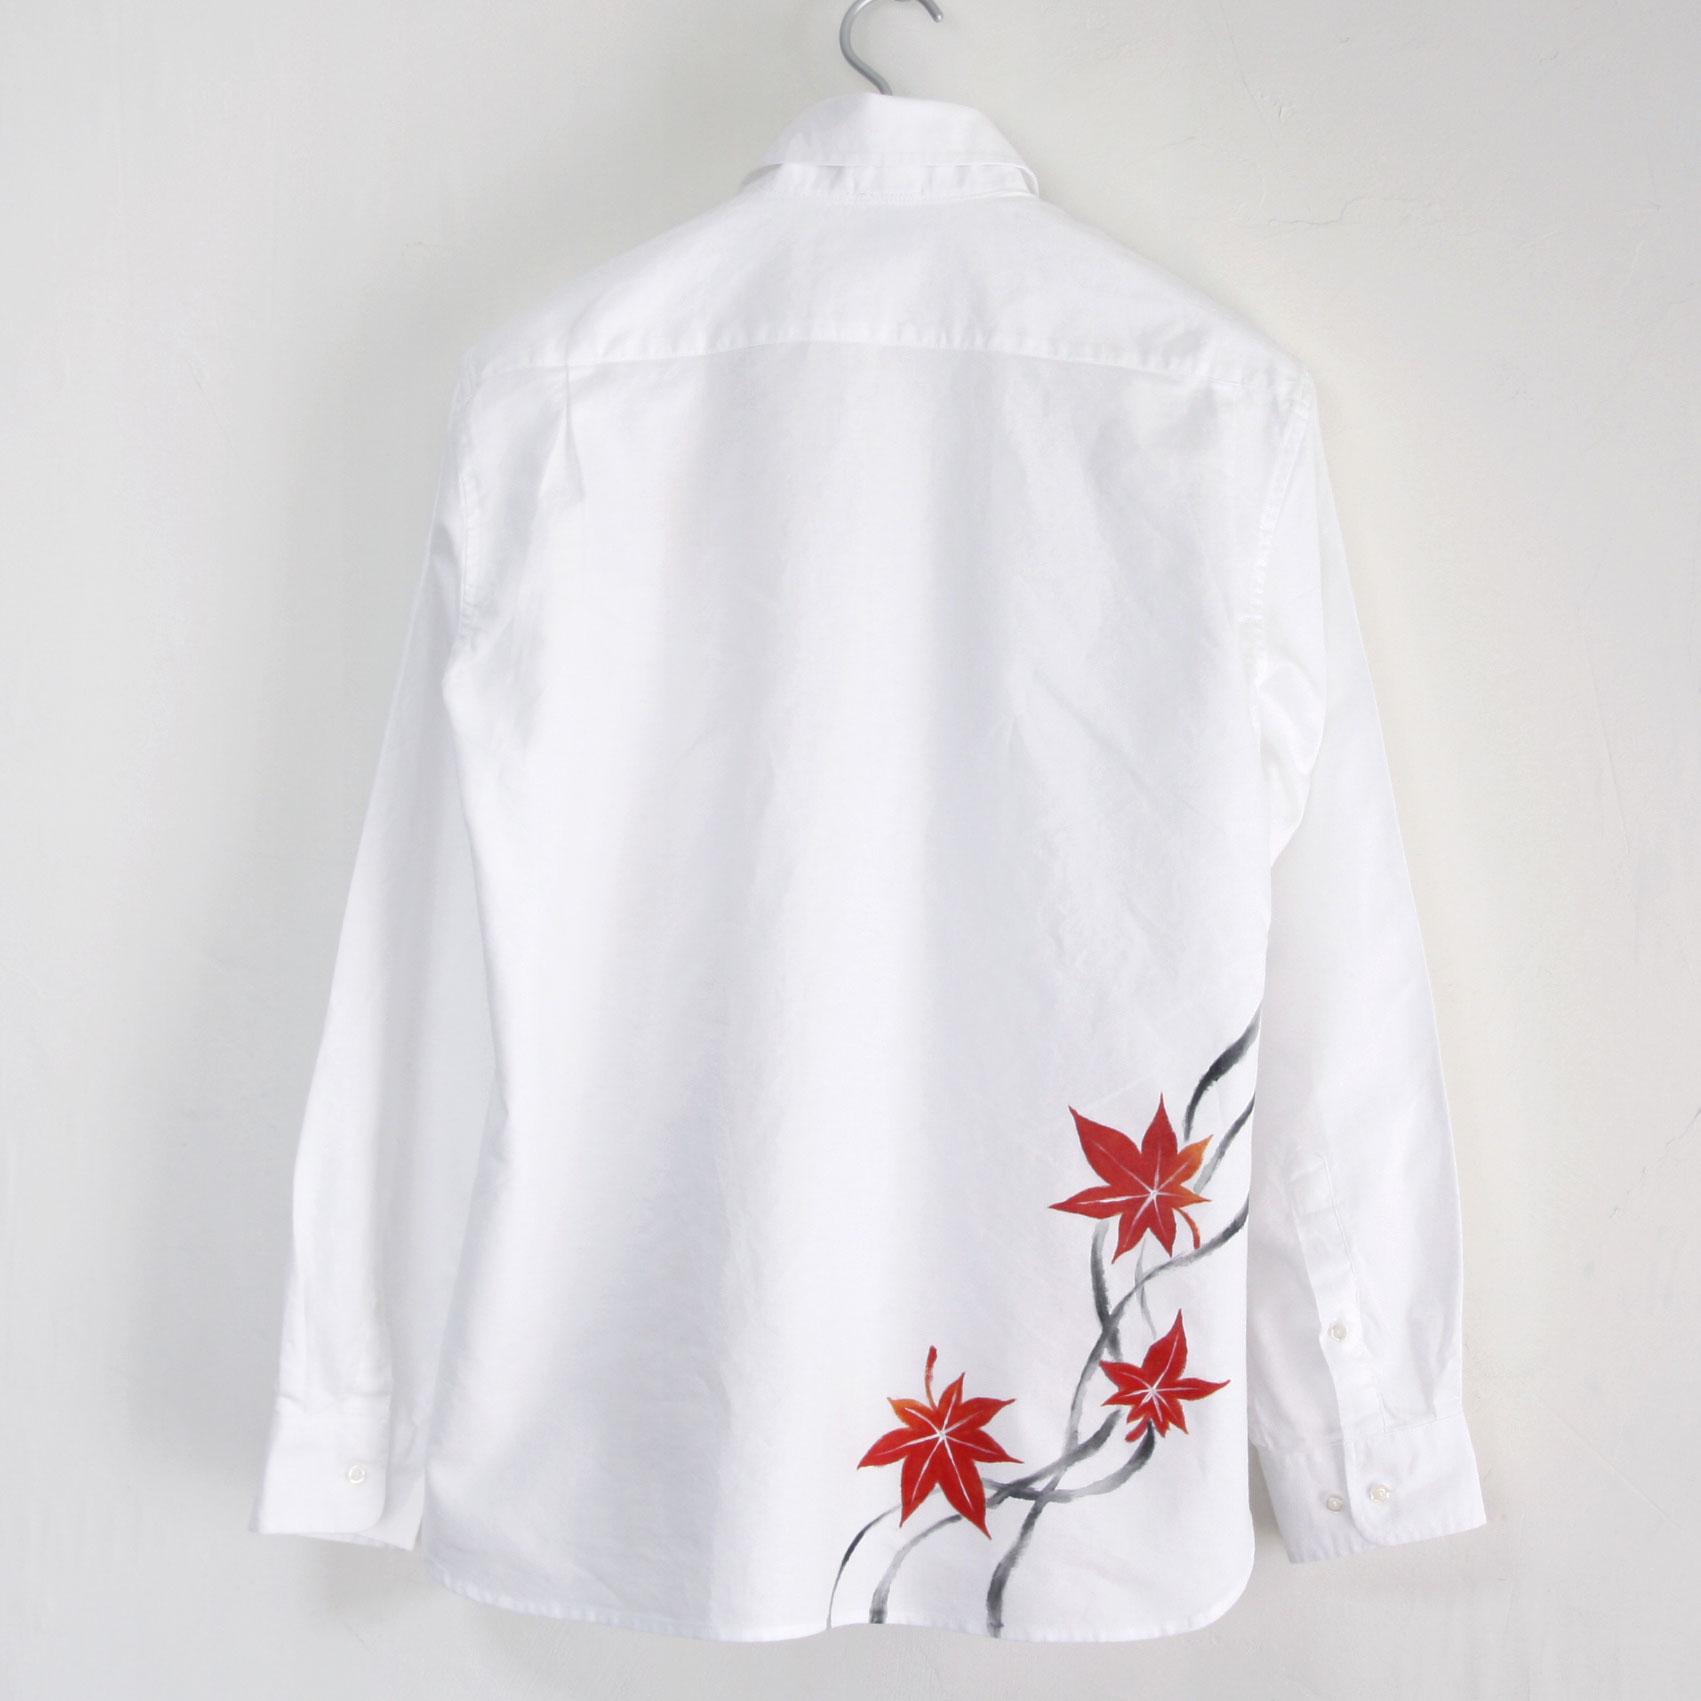 手描き紅葉柄ボタンダウンシャツのホワイト